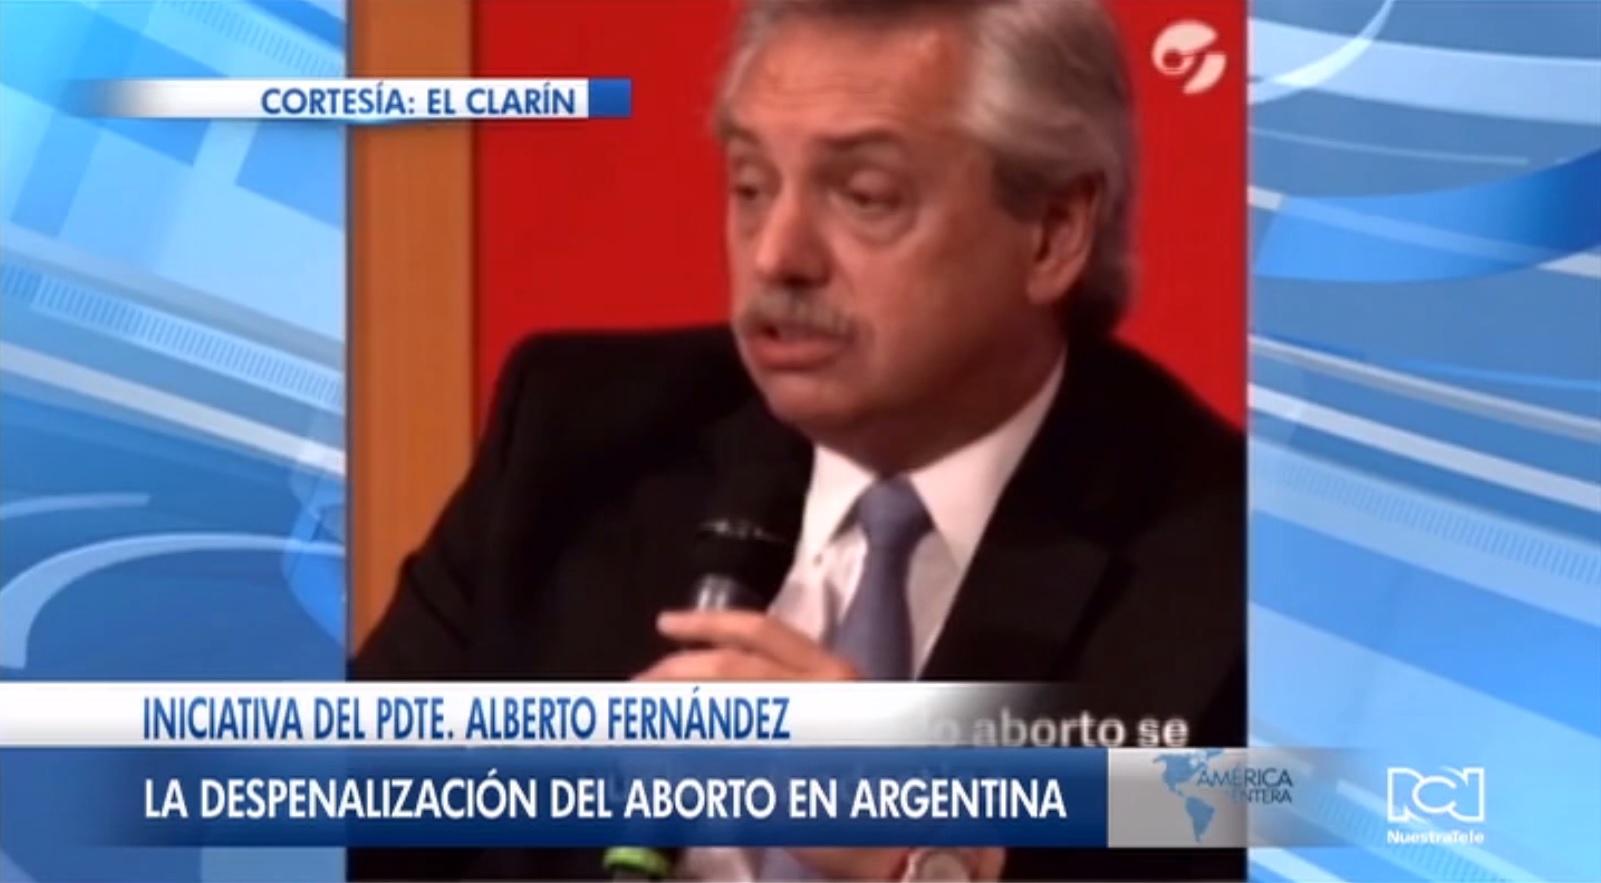 Alberto Fernández condena la hipocresía y anuncia proyecto de ley para despenalizar el aborto en Argentina